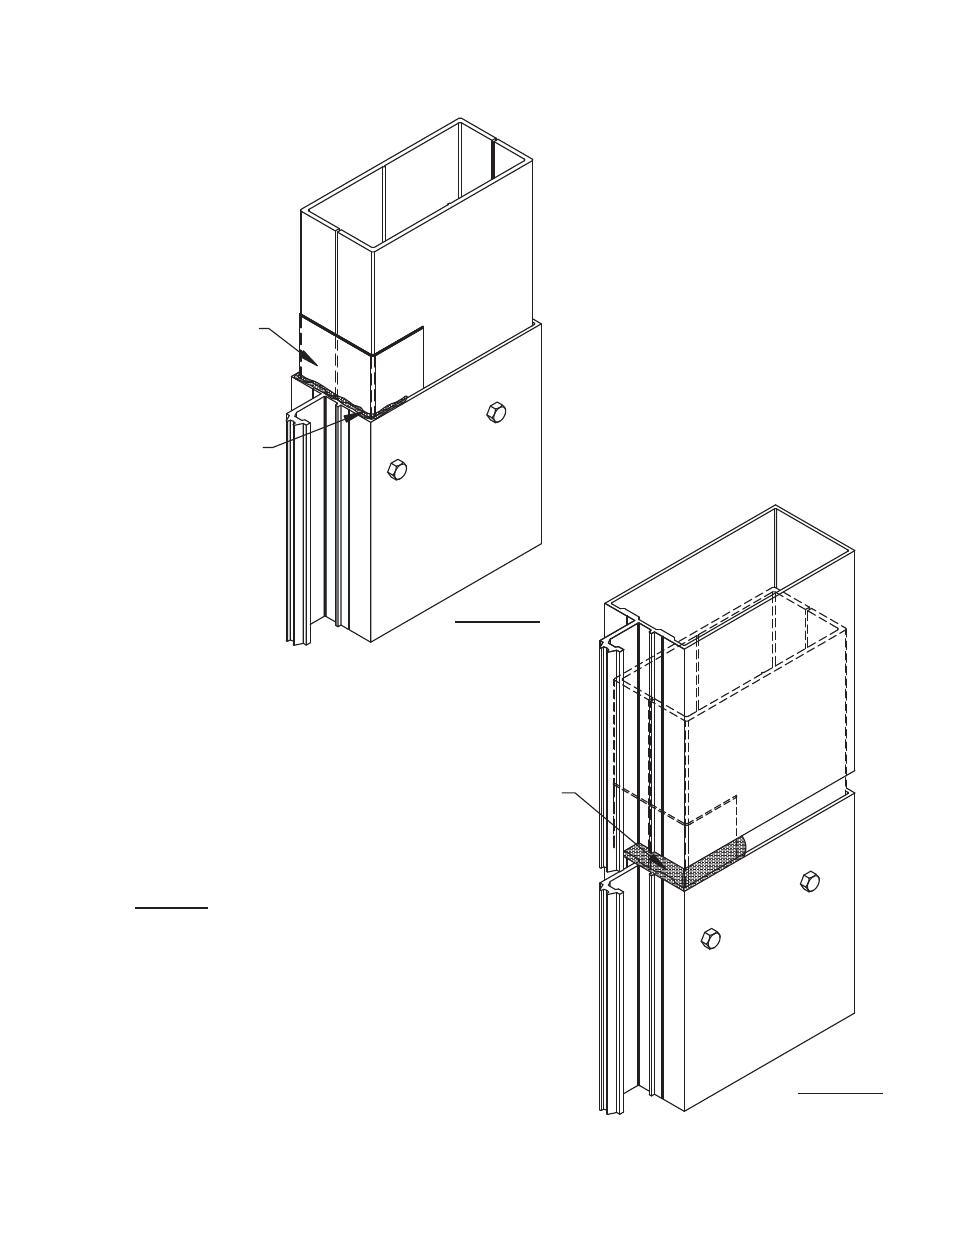 Live load splice install, Live load splice installation